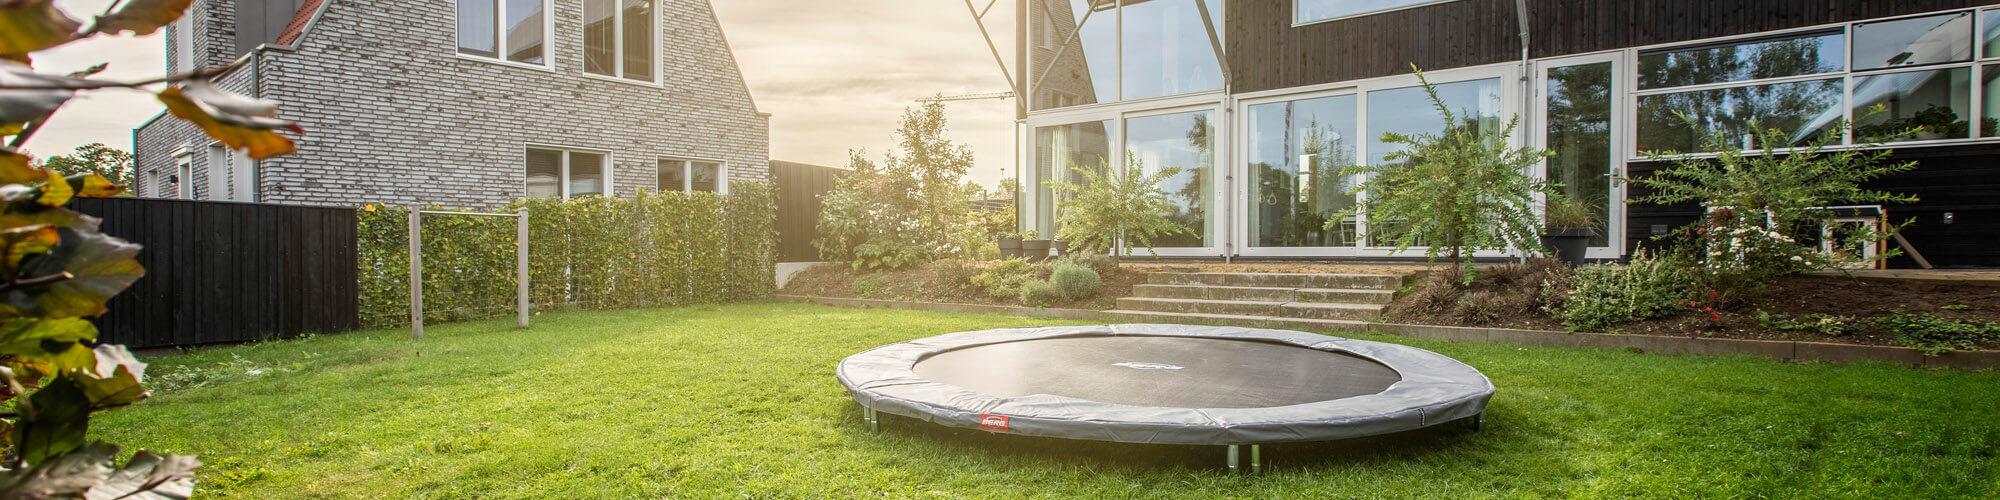 BERG Qualität entdecken bei trampolin-profi.de